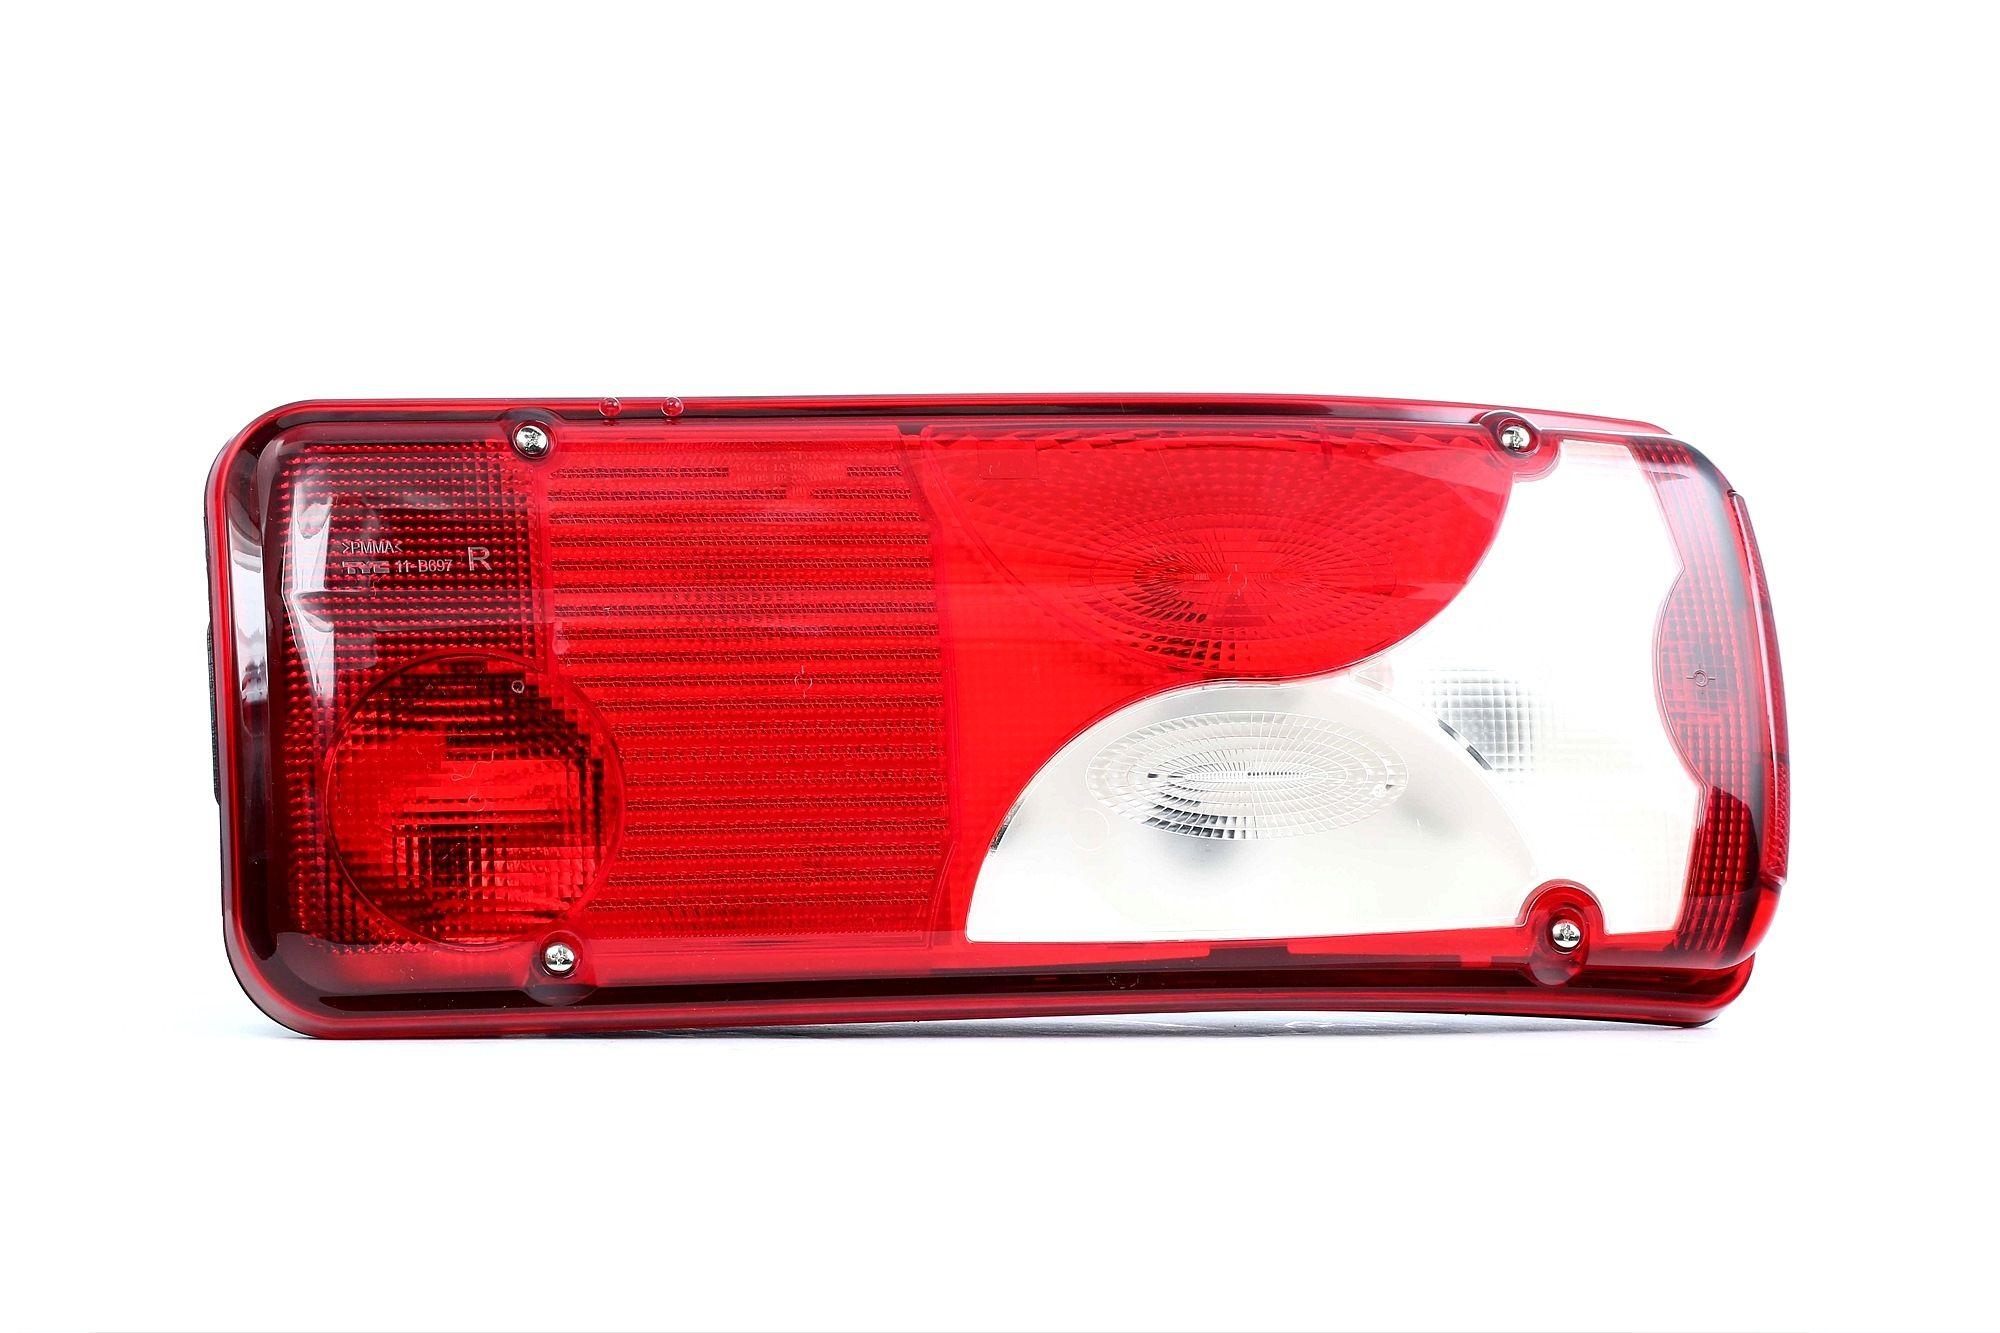 Rear Lights JOHNS 50 64 88-5 rating